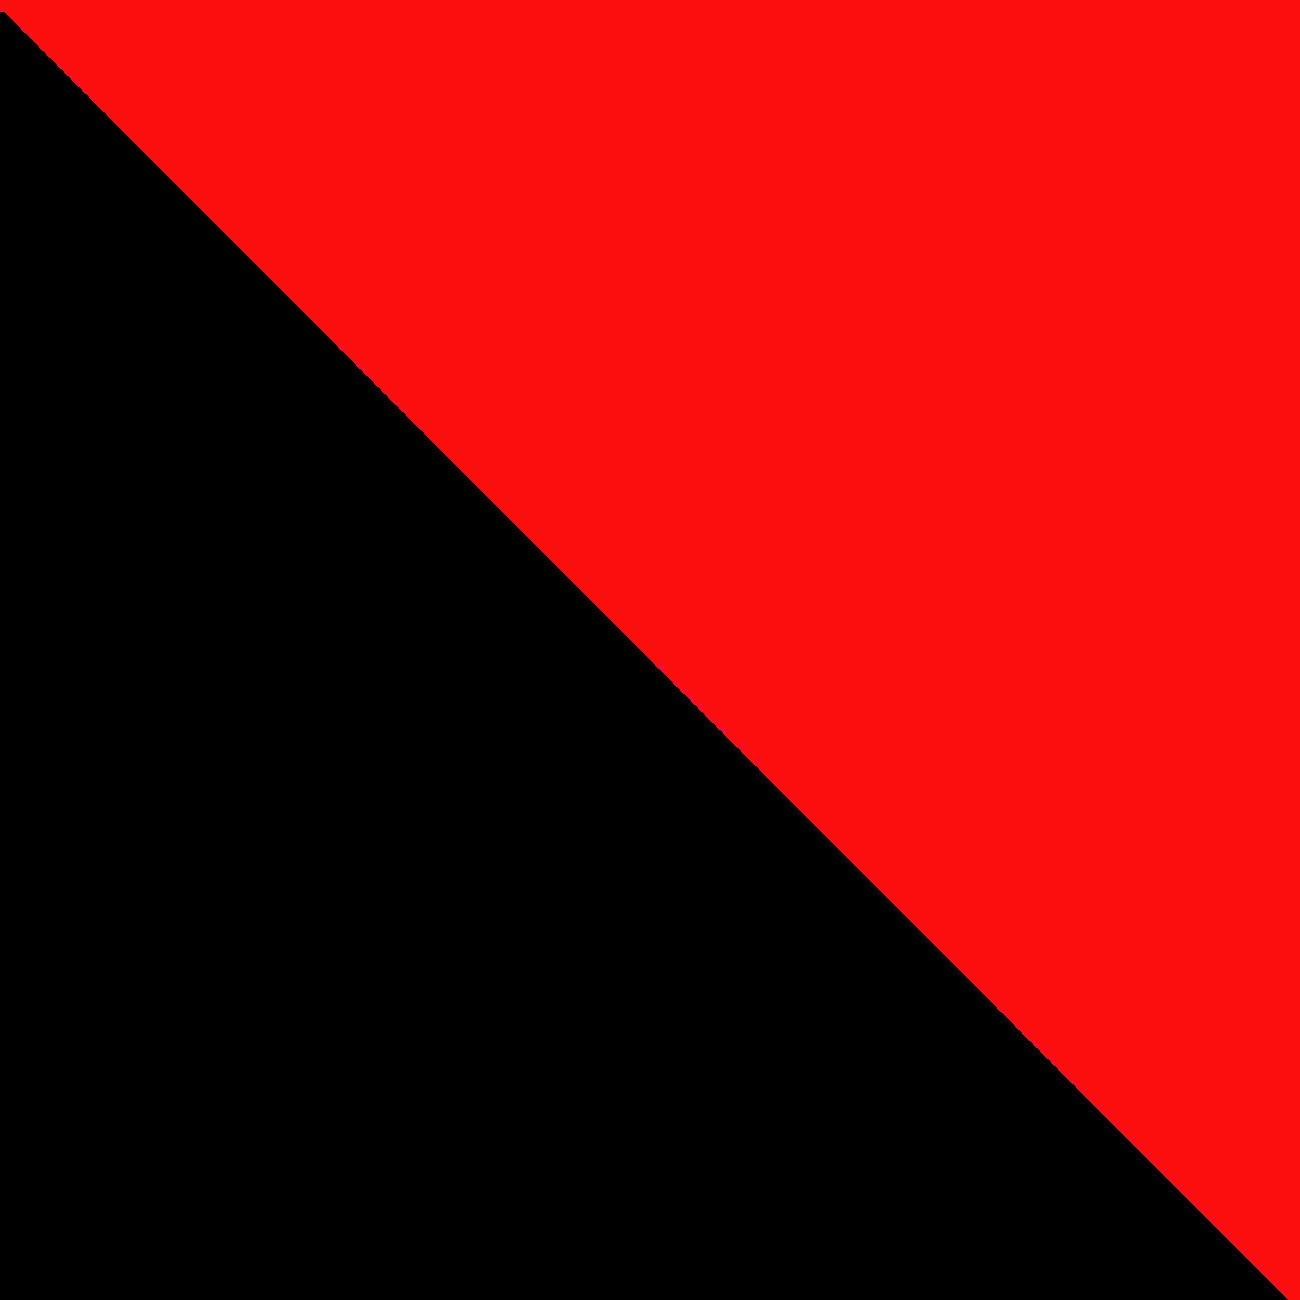 negru-rosu